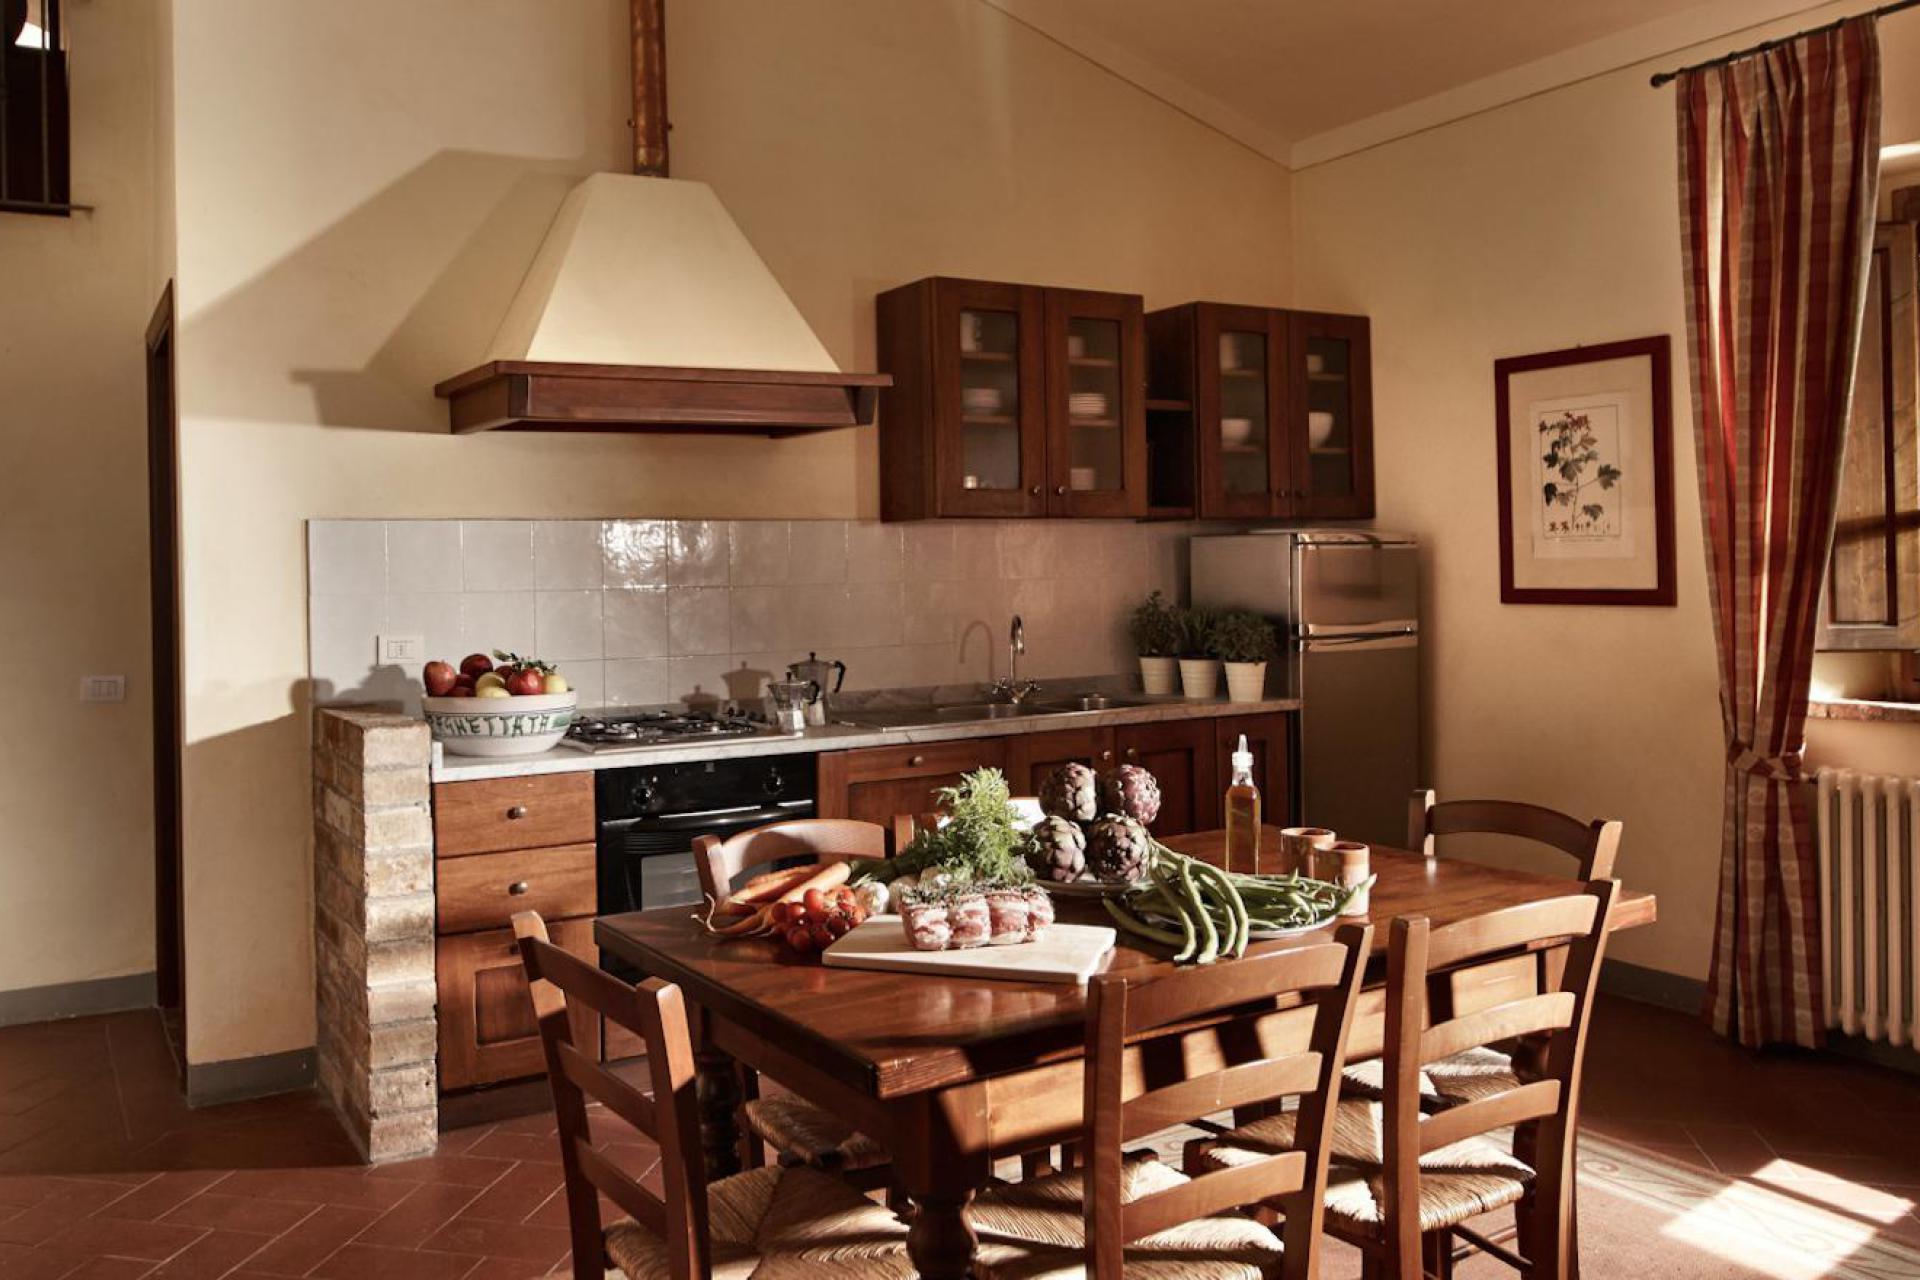 Agriturismo Toskana Agriturismo, Toskana mit Restaurant und bei Pienza gelegen